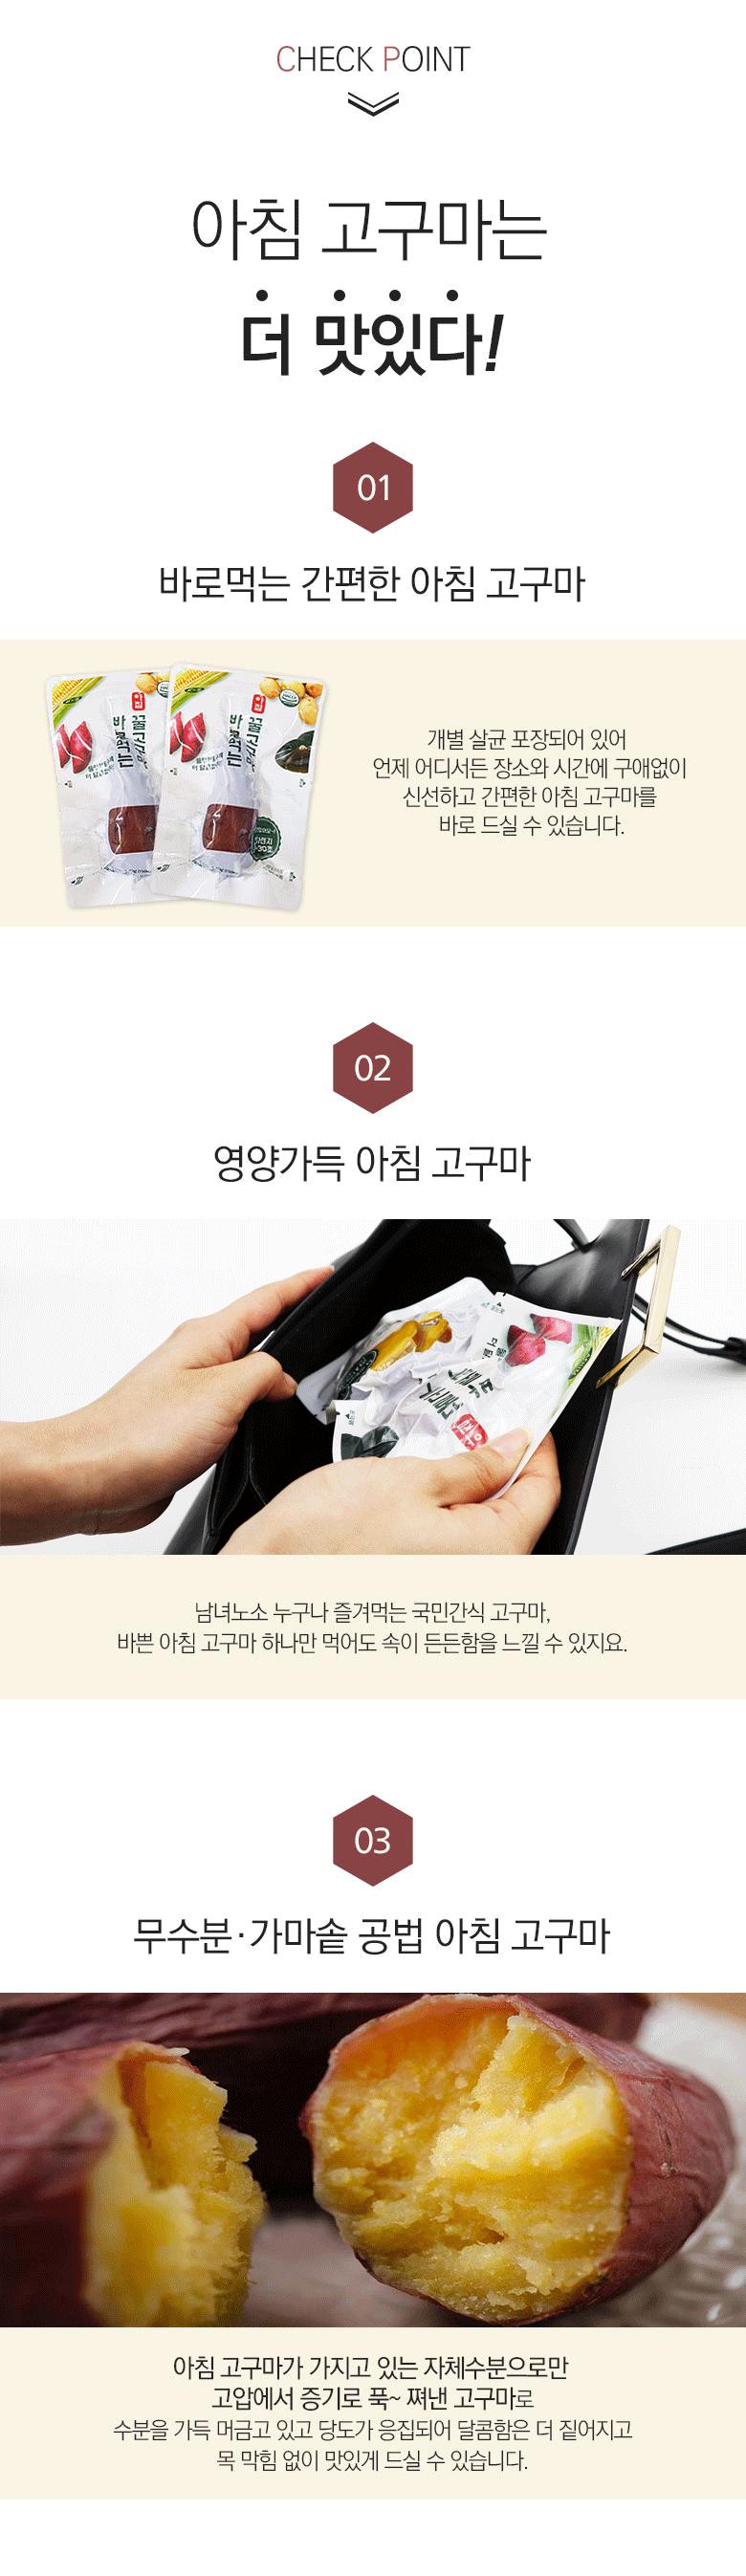 copy-1556512330-achim_sweetpotato02.png